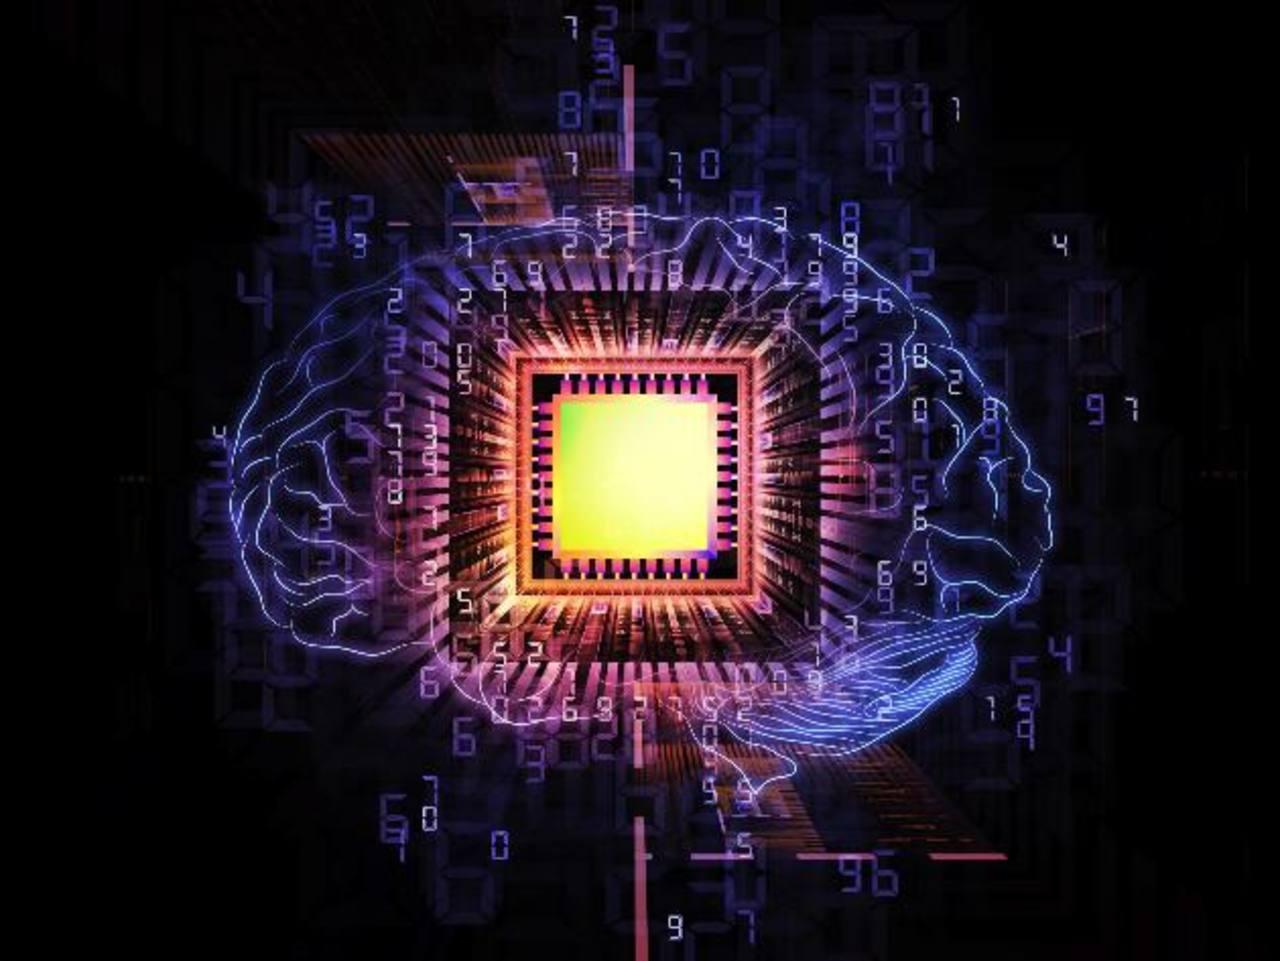 En unos diez años, la implantación de chips en el cerebro permitirá escribir con la mente a personas discapacitadas y curar algunas enfermedades neurológicas. foto EDH